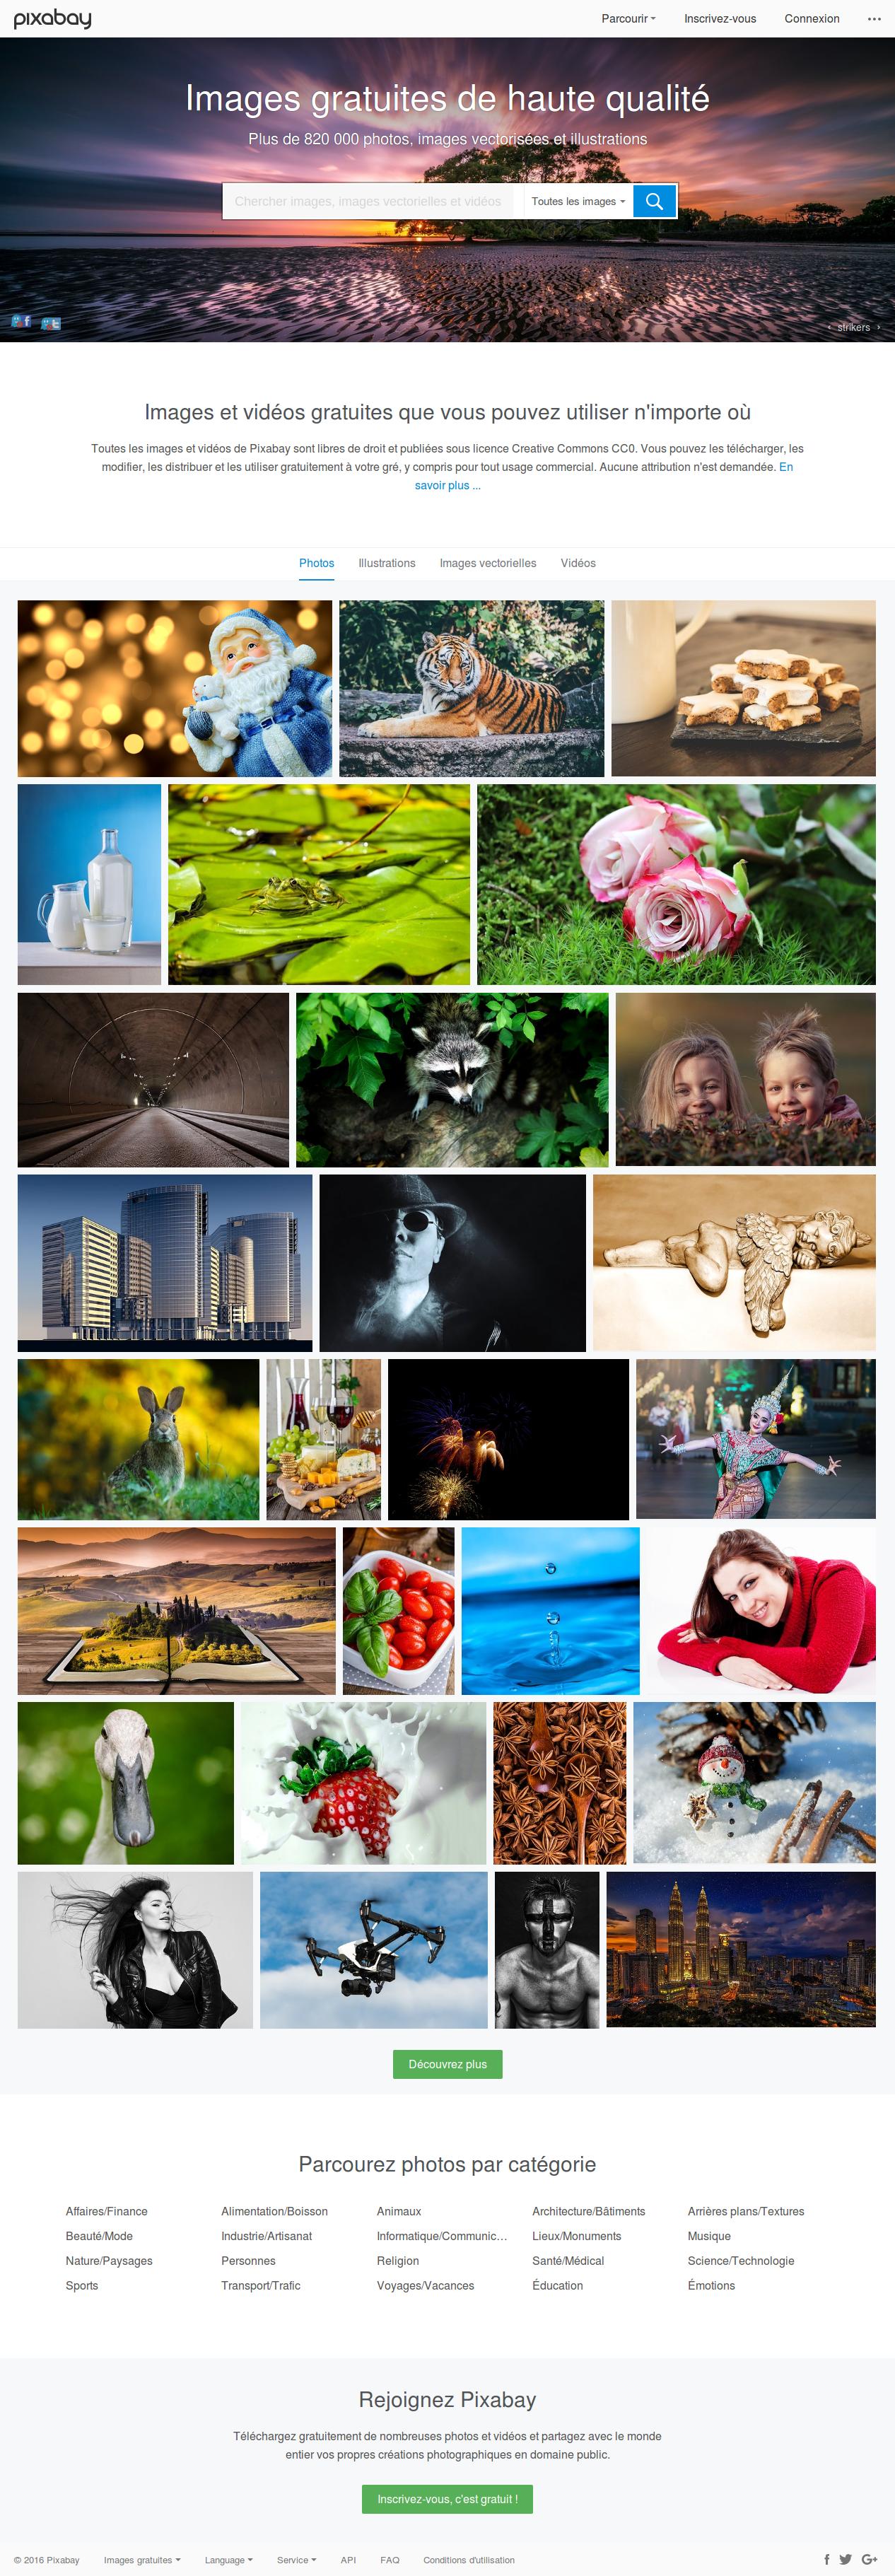 Page d'accueil complète de Pixabay